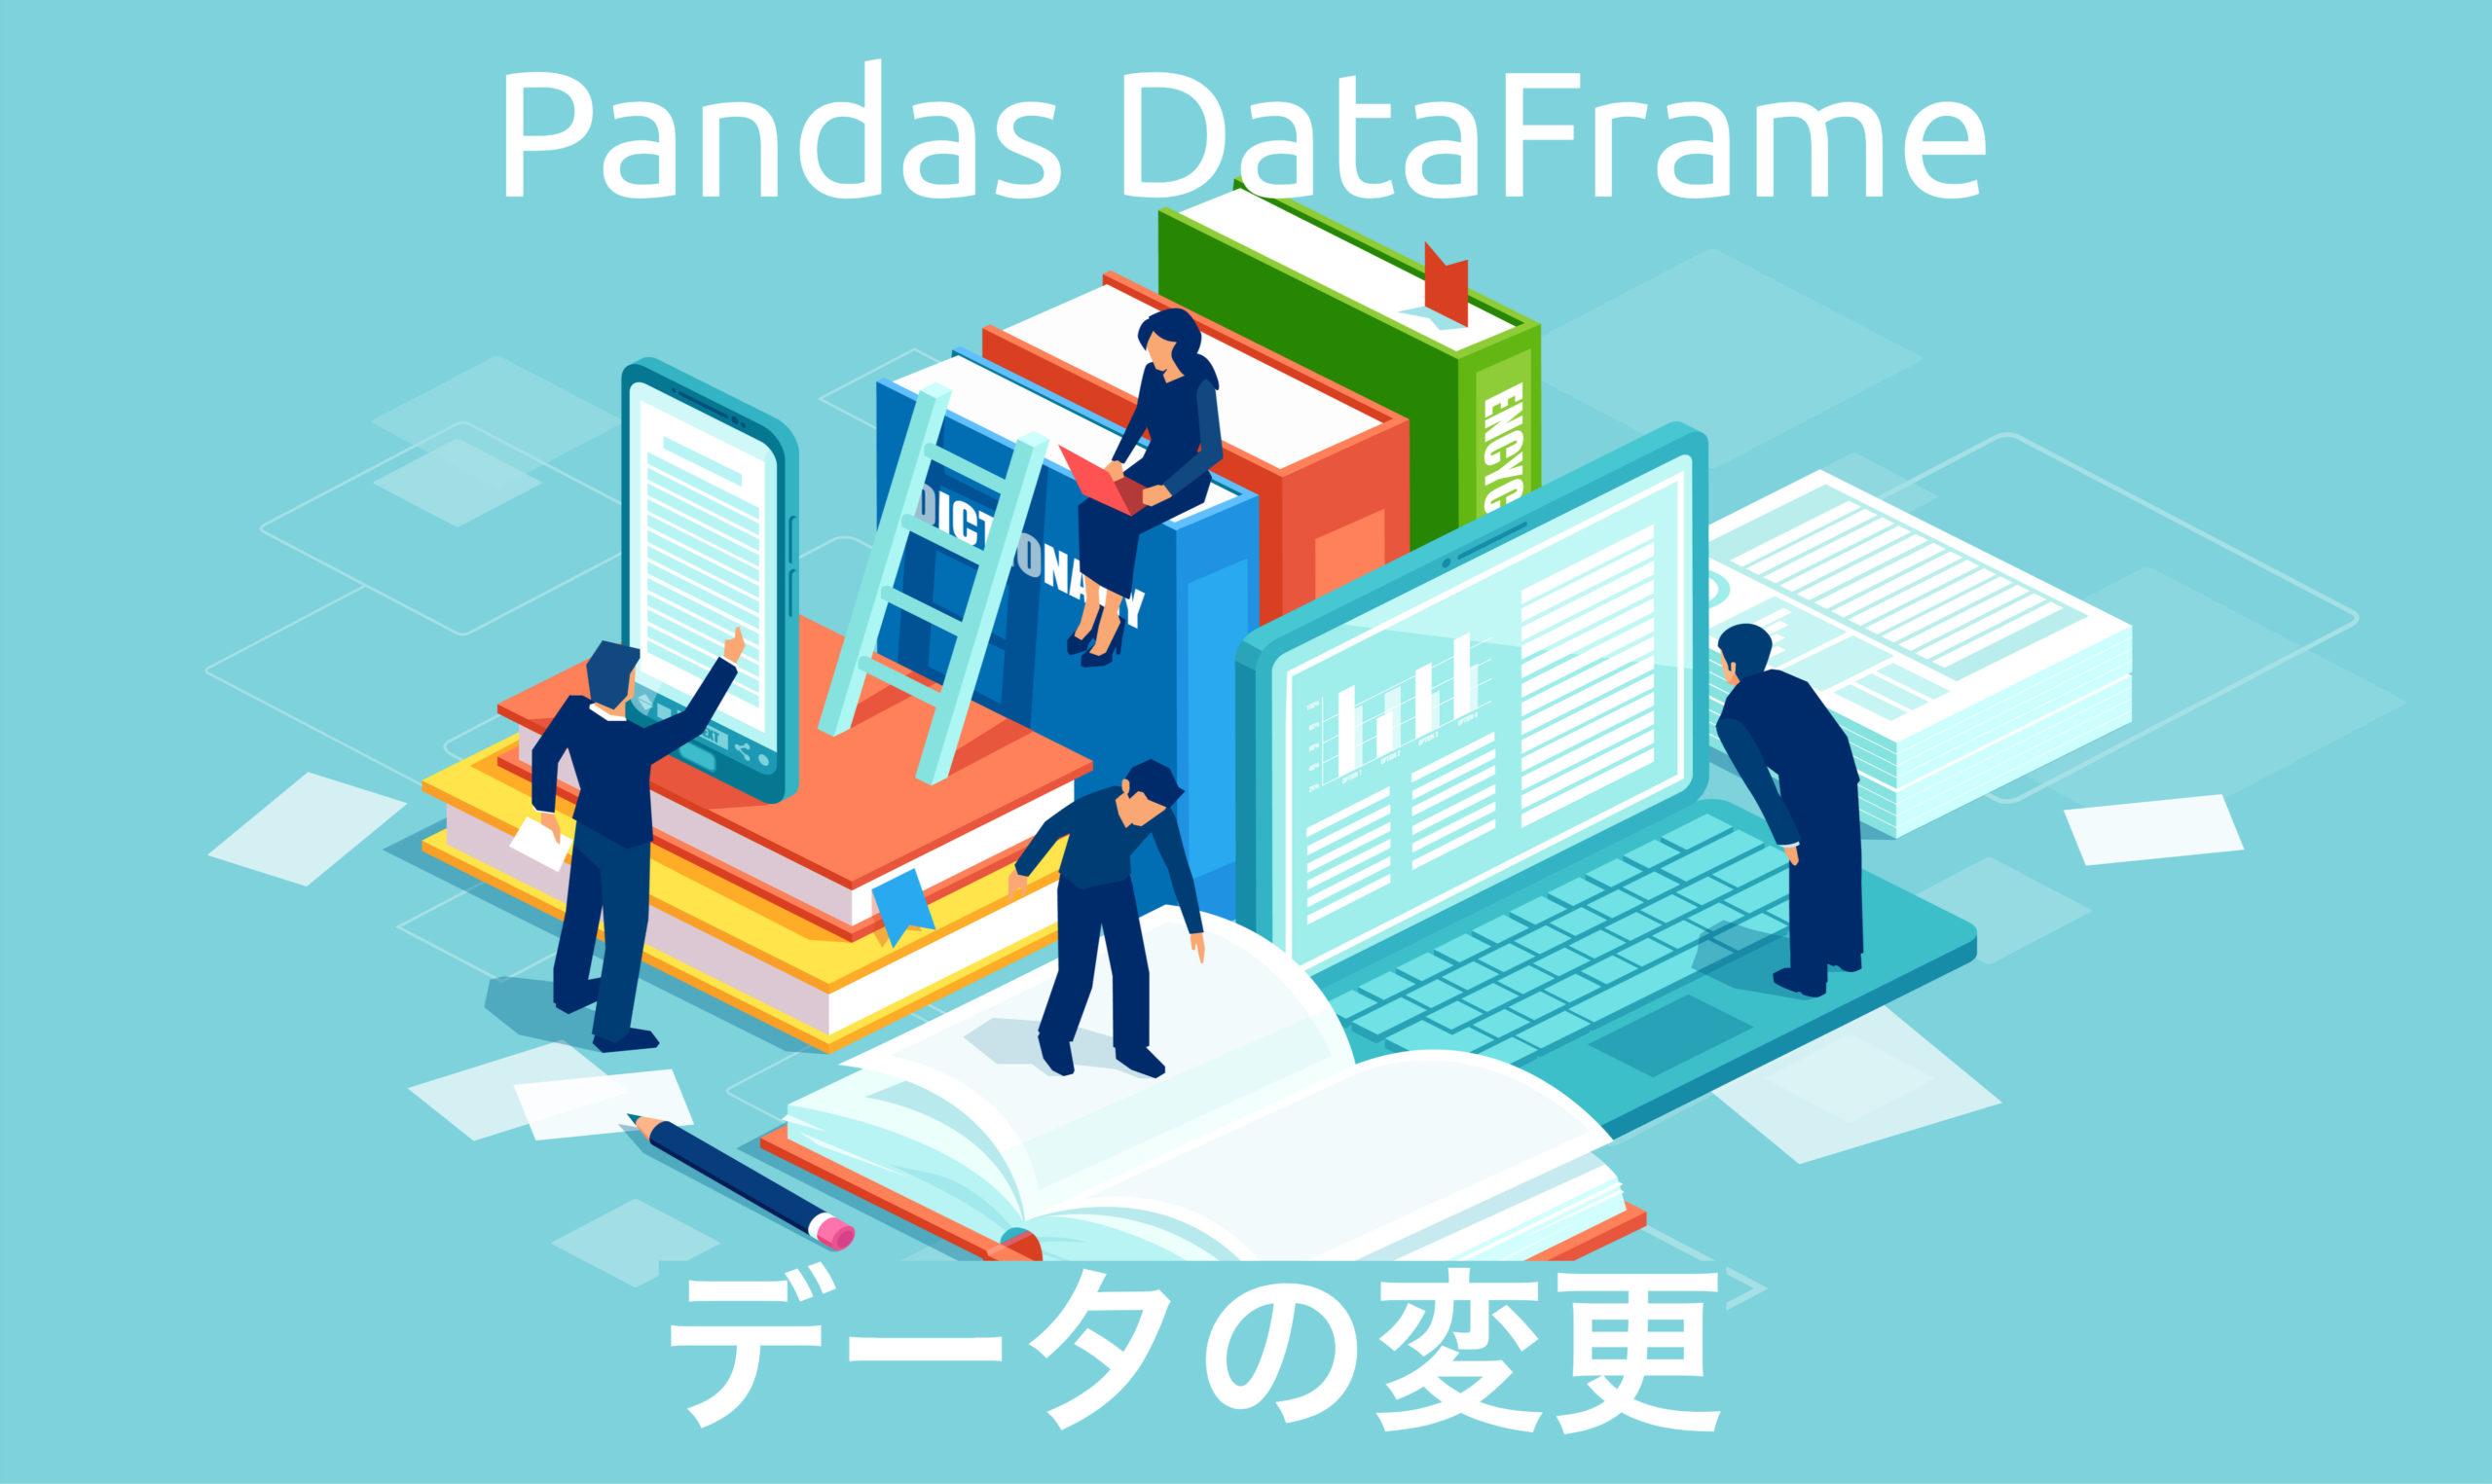 Pandas DataFrame|データの変更(並び替え・置換など)